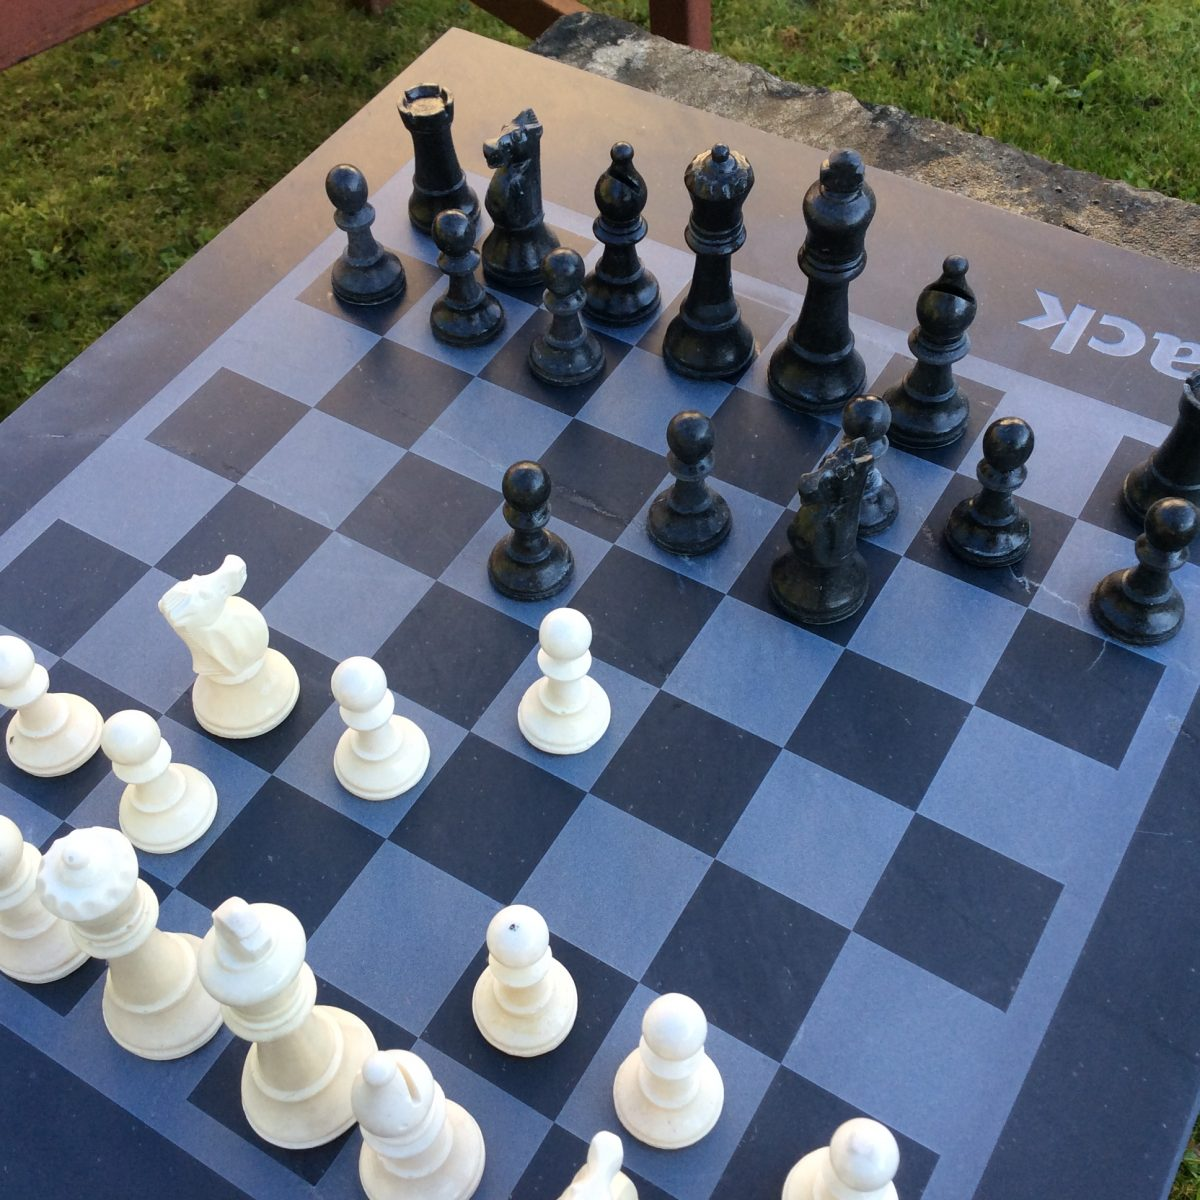 cornish slate chess board and chess set